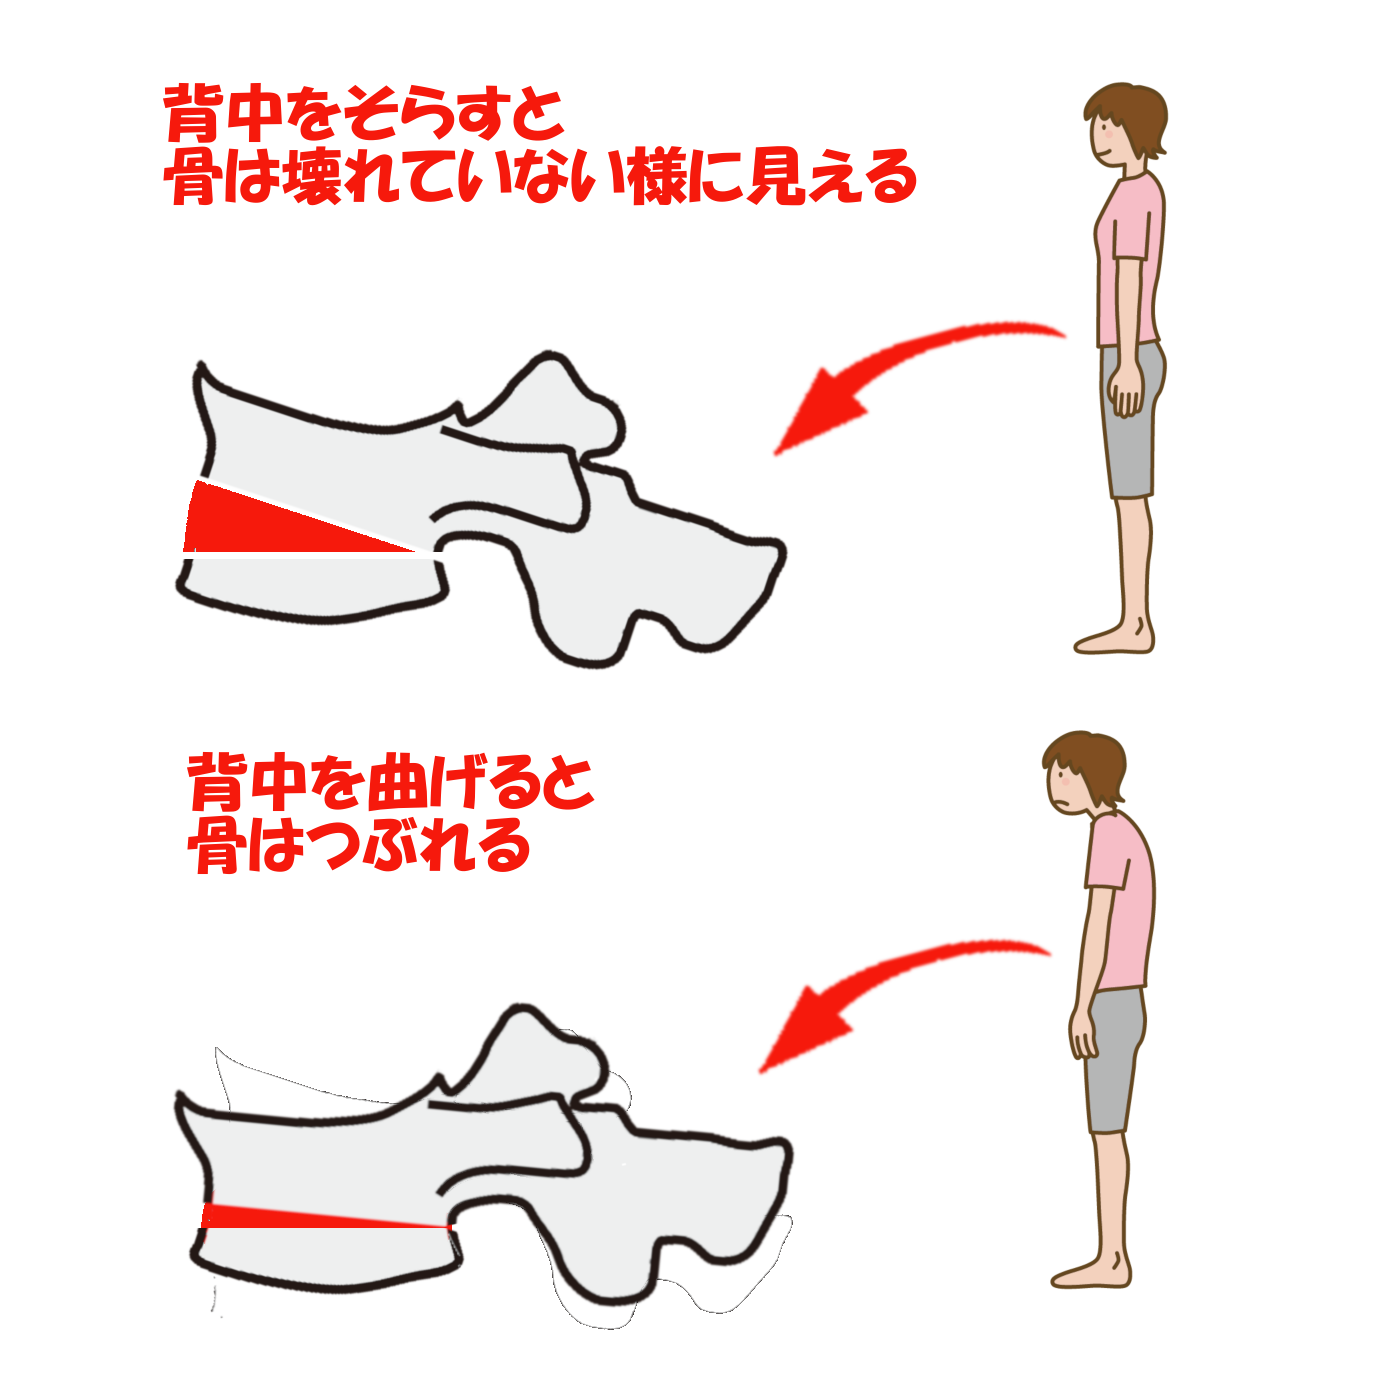 三 骨折 圧迫 第 腰椎